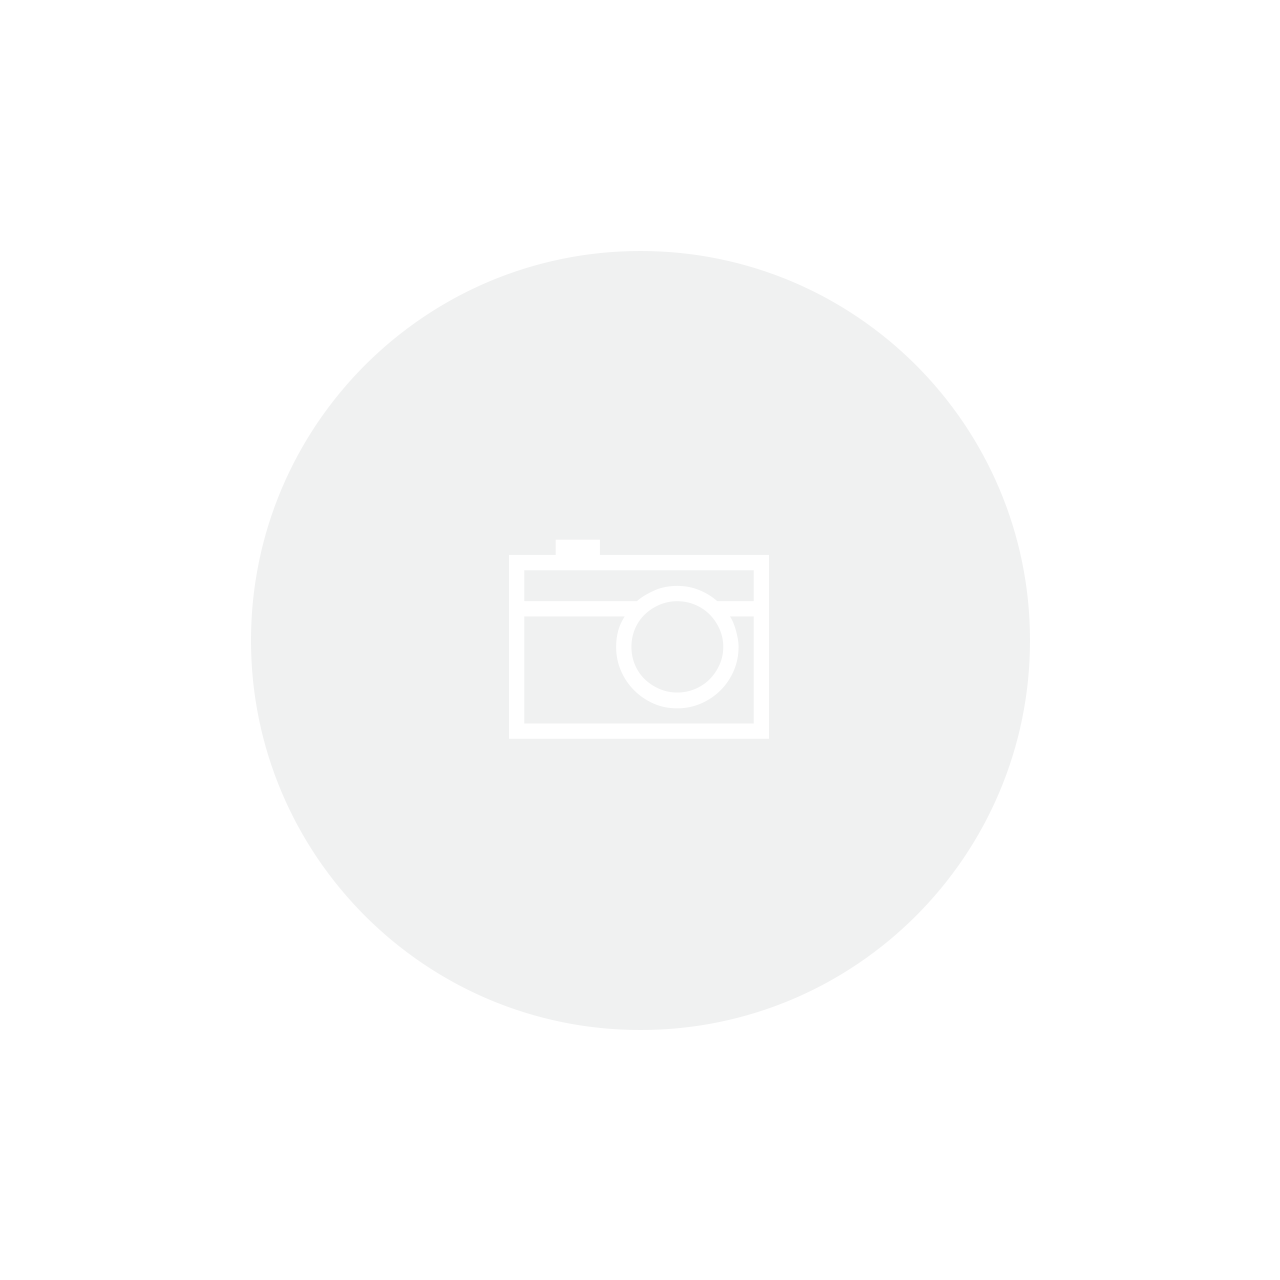 Cachepot Deco Silver 13,5x12,8cm Bencafil